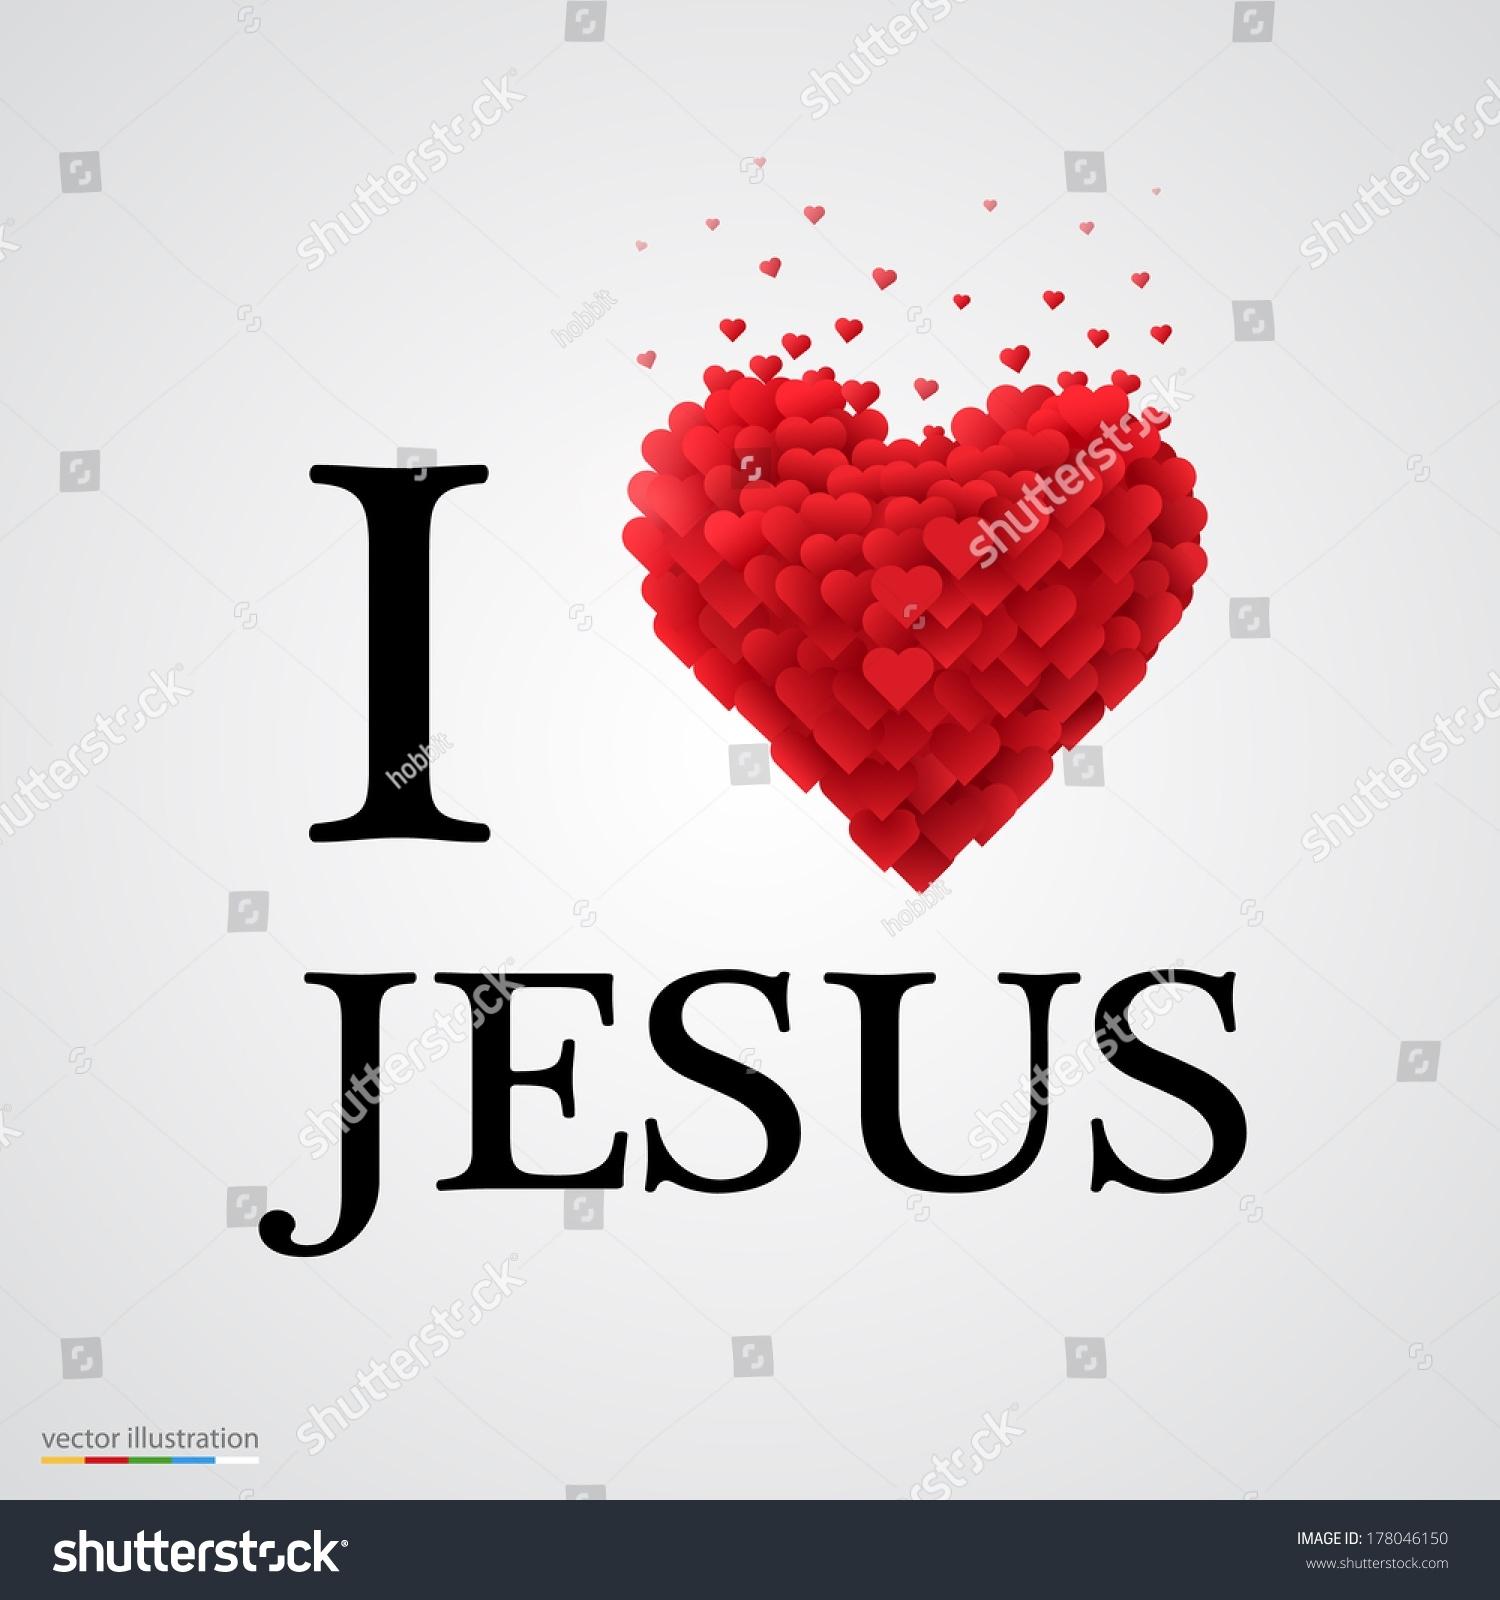 love jesus font type heart sign image vectorielle 178046150